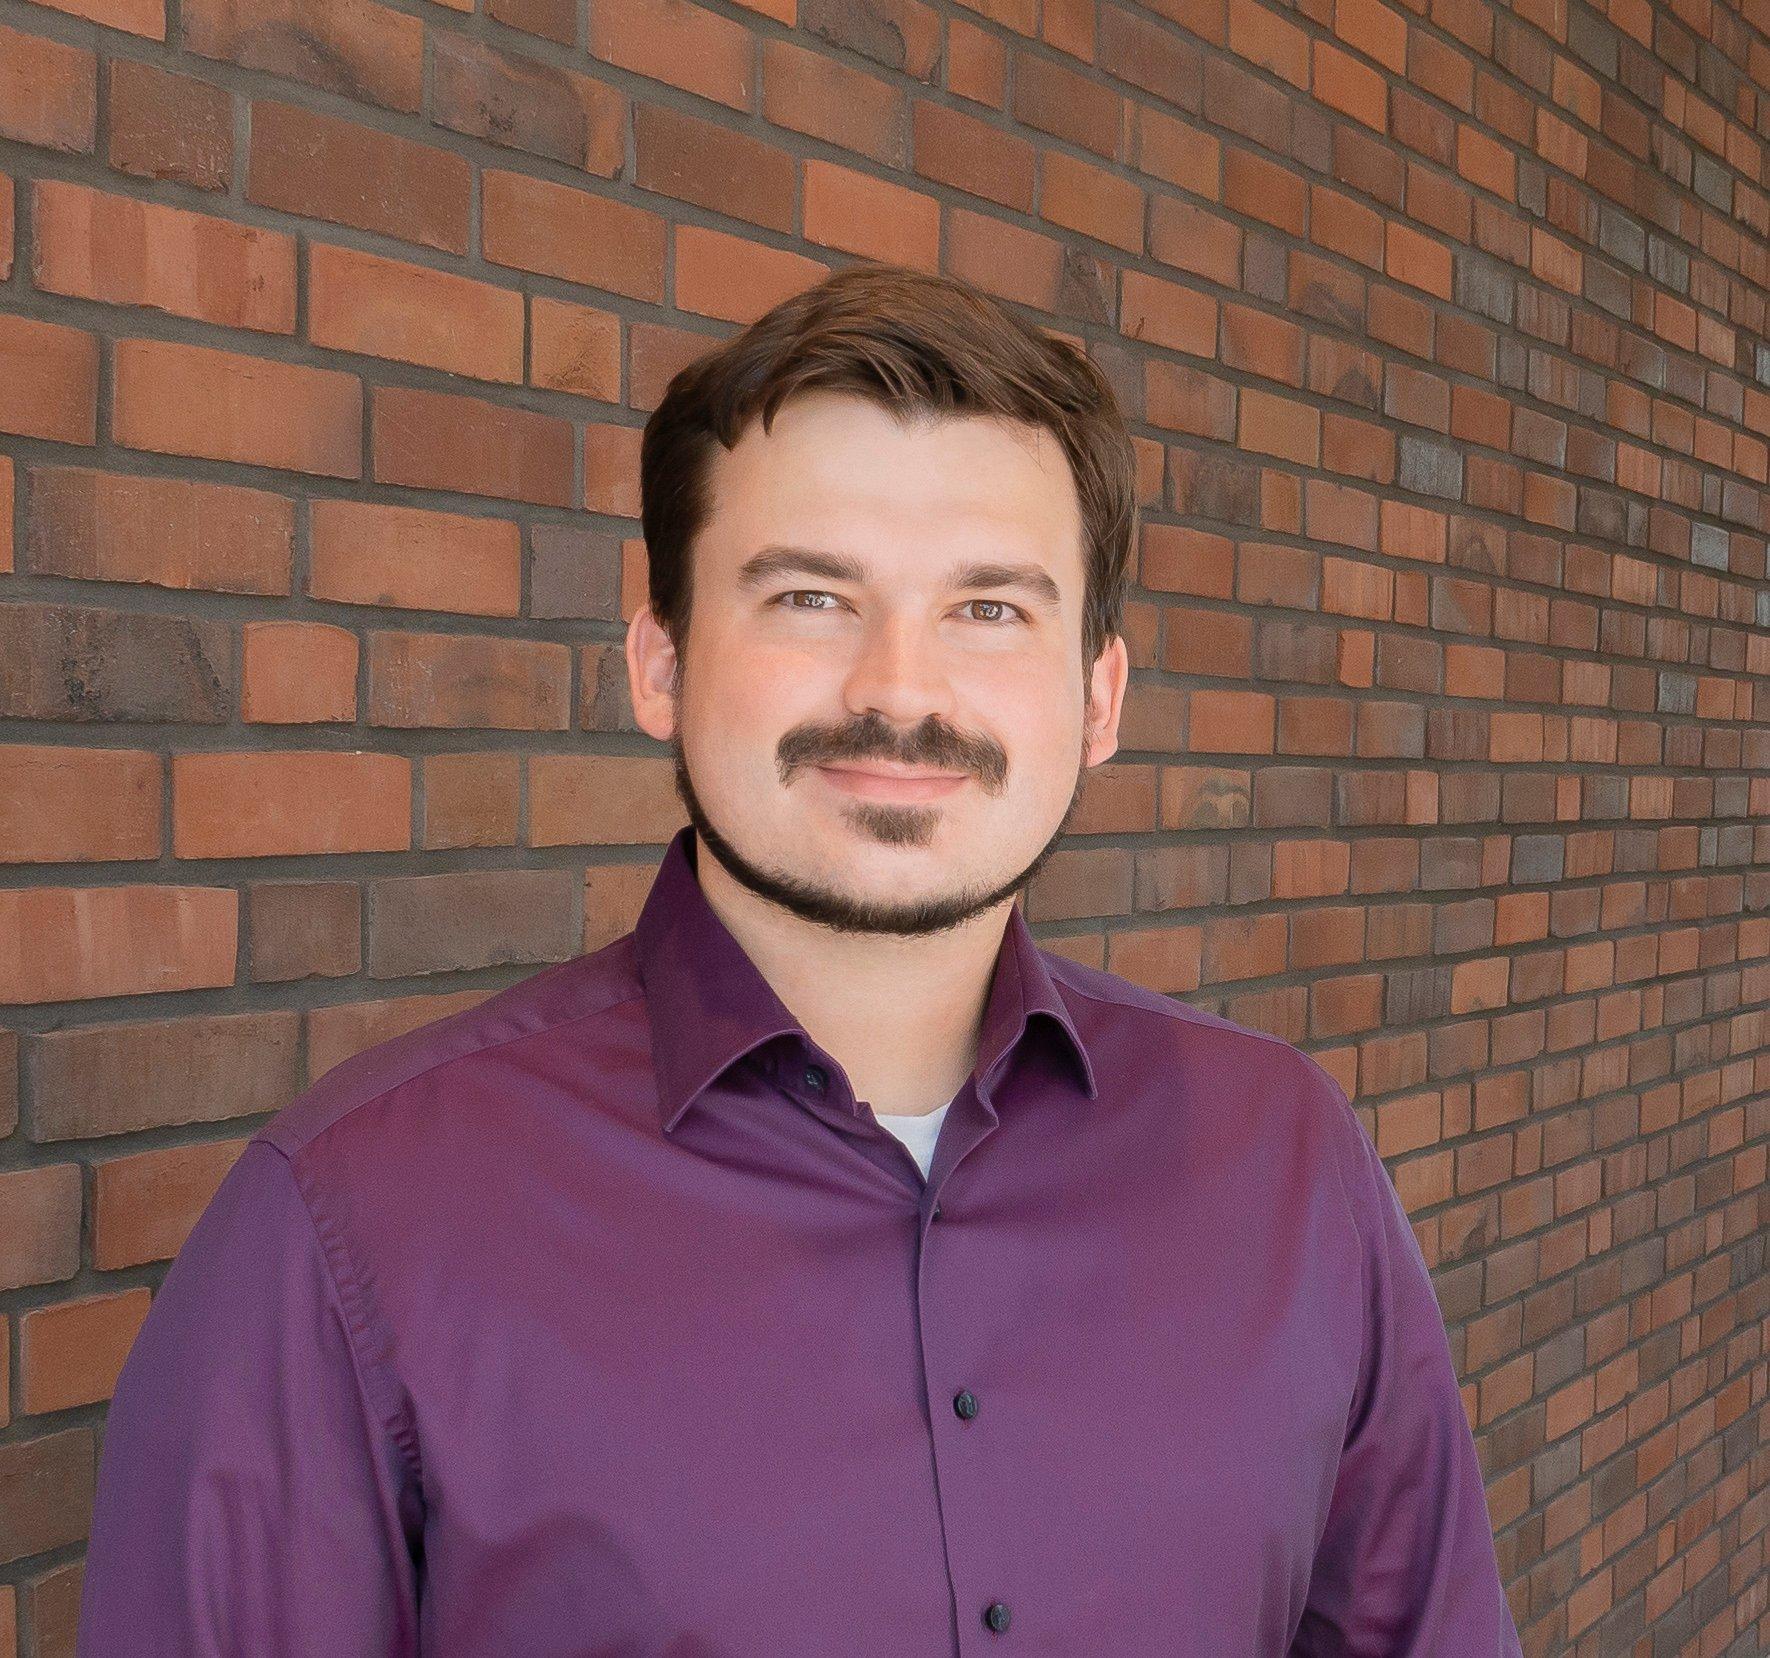 Michael Milkowski